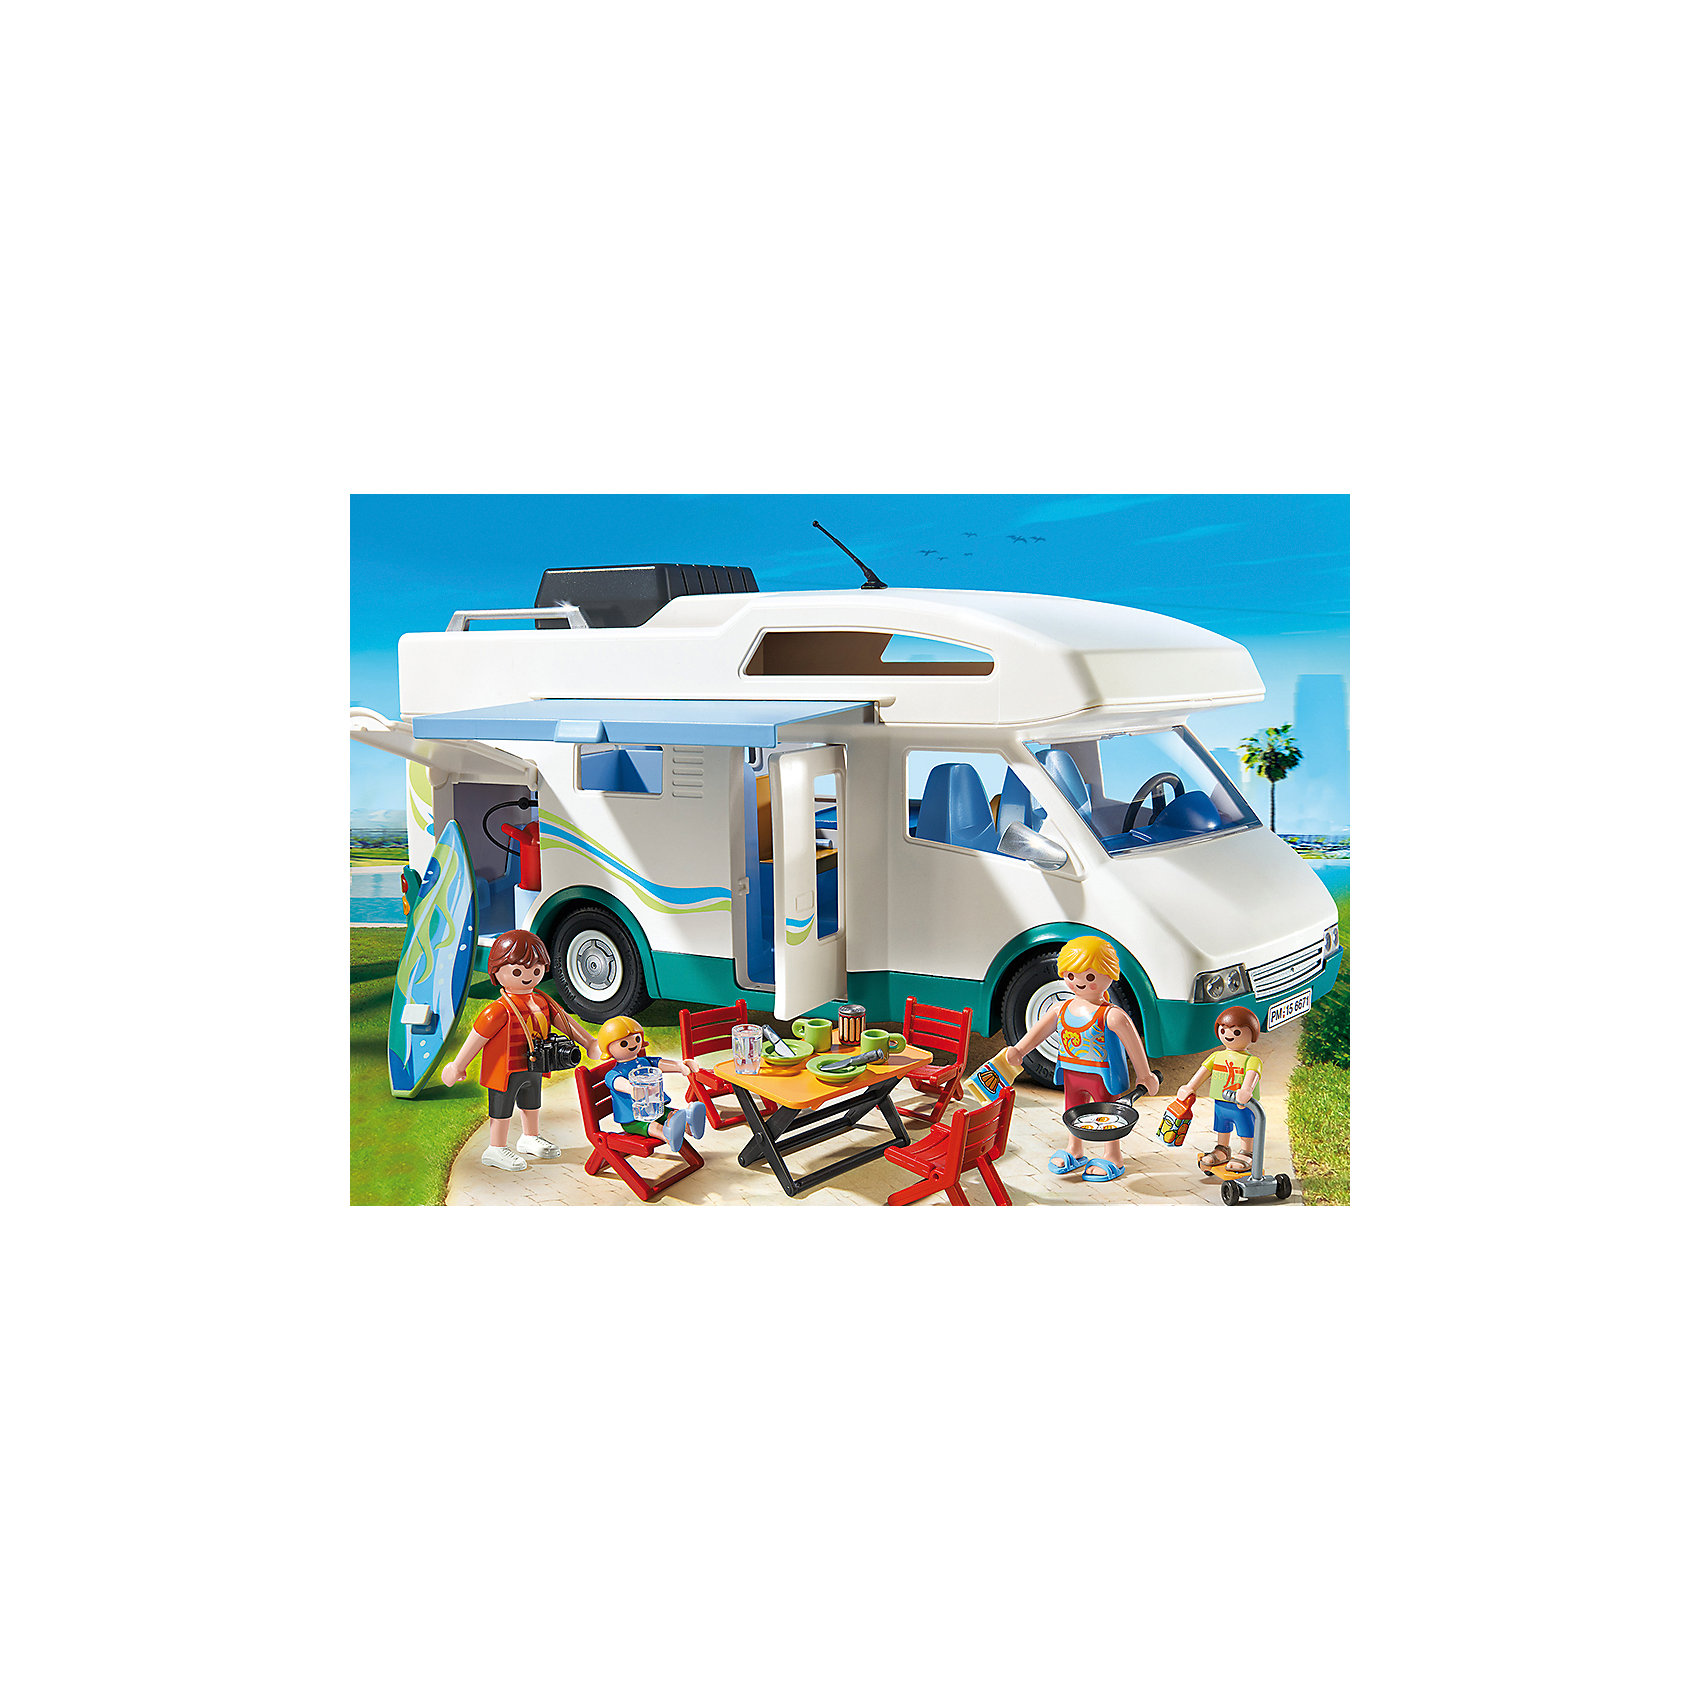 PLAYMOBIL® Аквапарк: Семейный автомобиль - дом на колесах, PLAYMOBIL автодома на колесах бу купить в испании